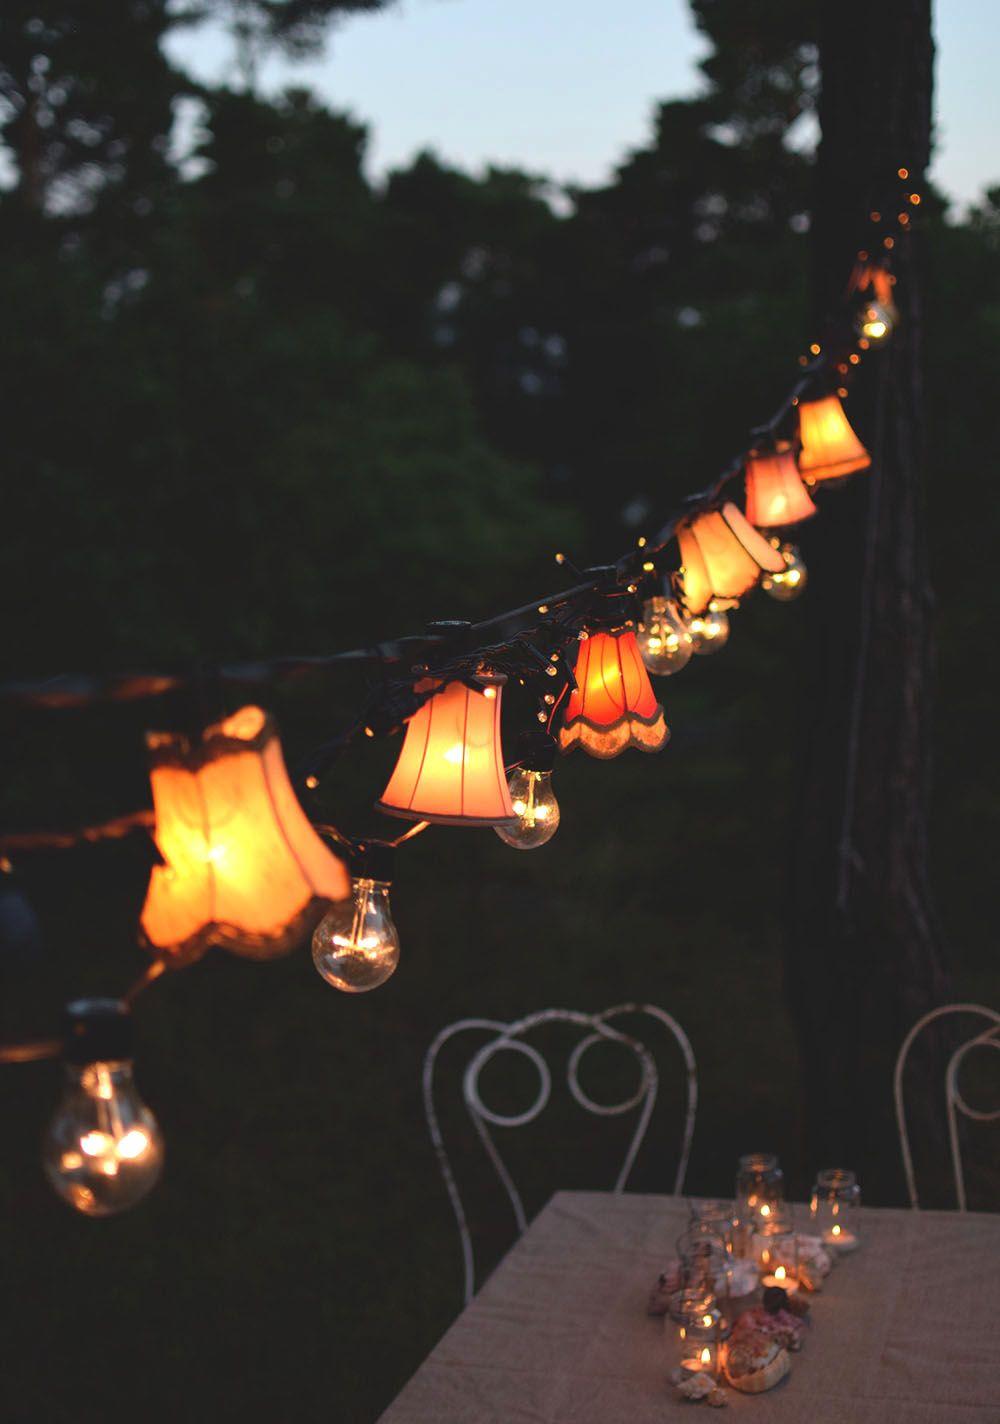 Toppen Ljusslinga med lampskärmar. Trädgårdsfest. Light strand, string of UC-45